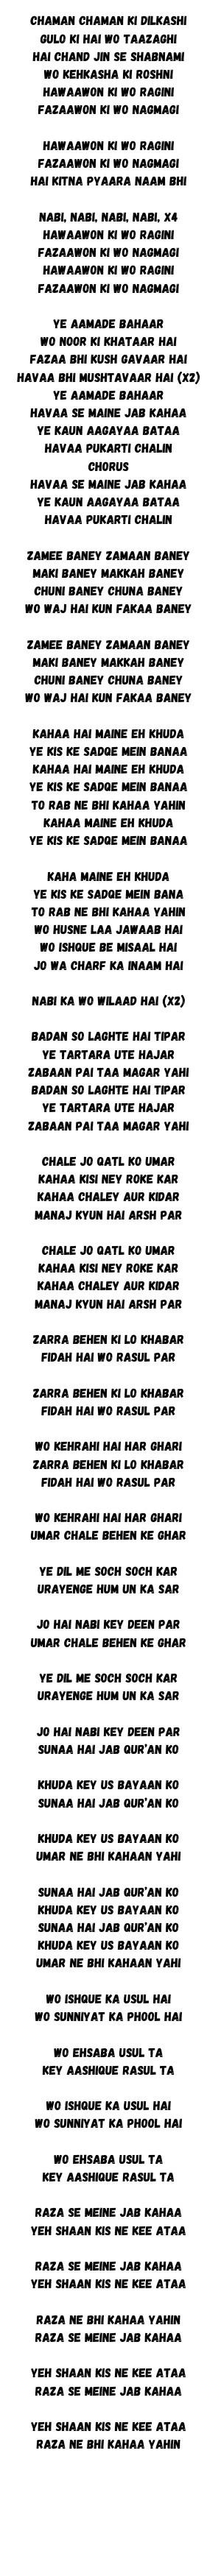 Chaman Chaman Ki Dilkashi Naat Lyrics In Hindi